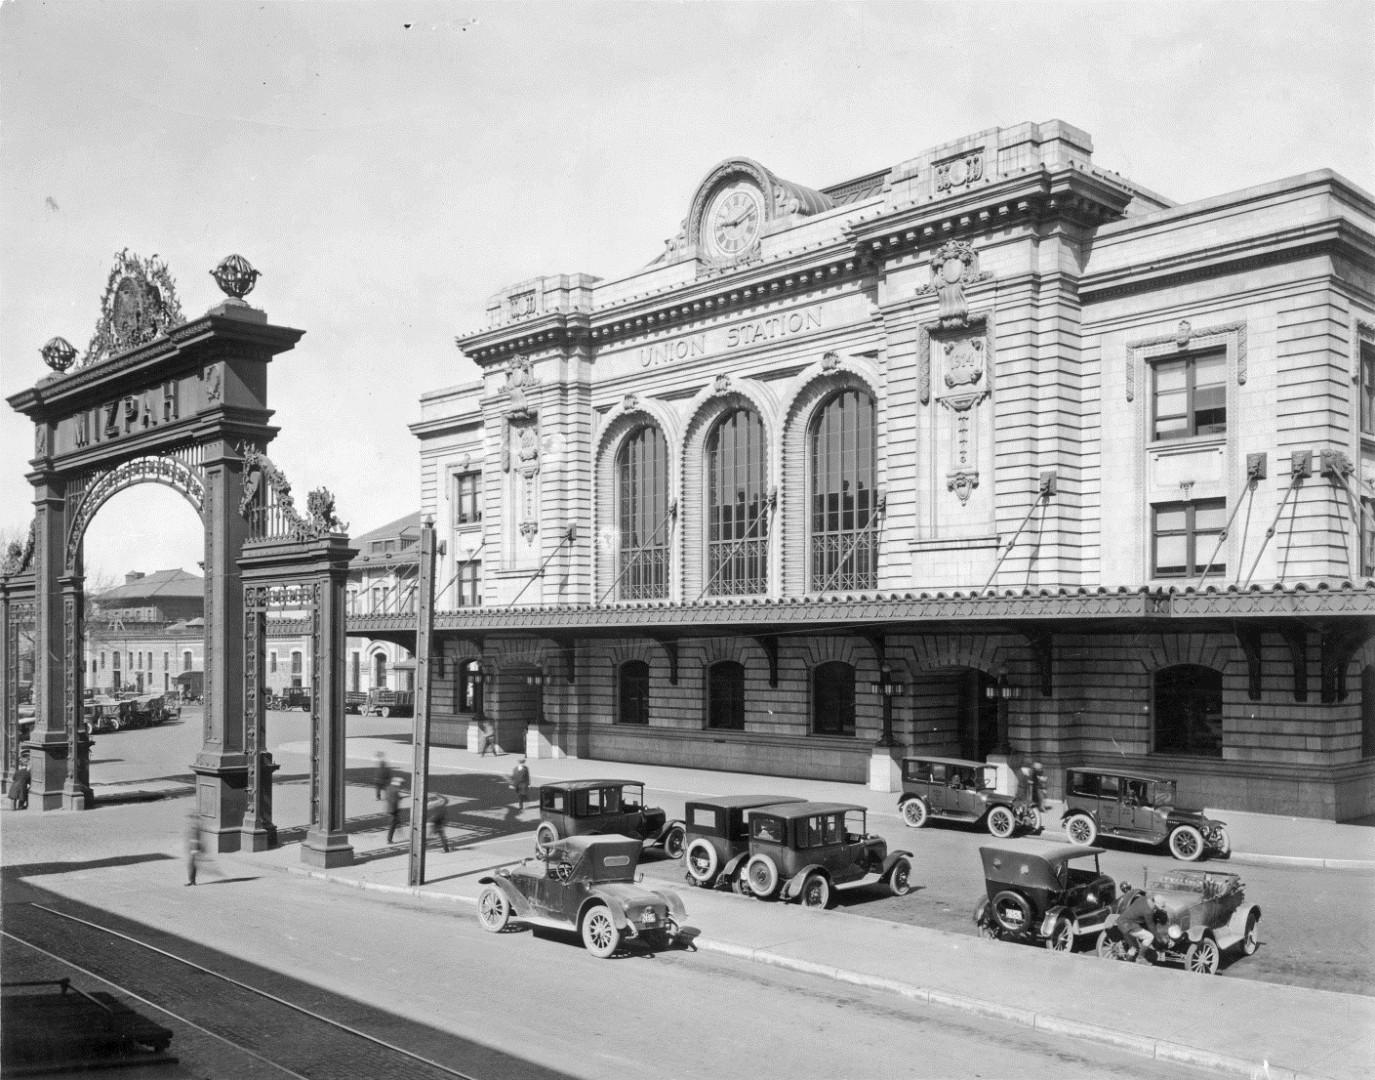 Old Union Station in Denver